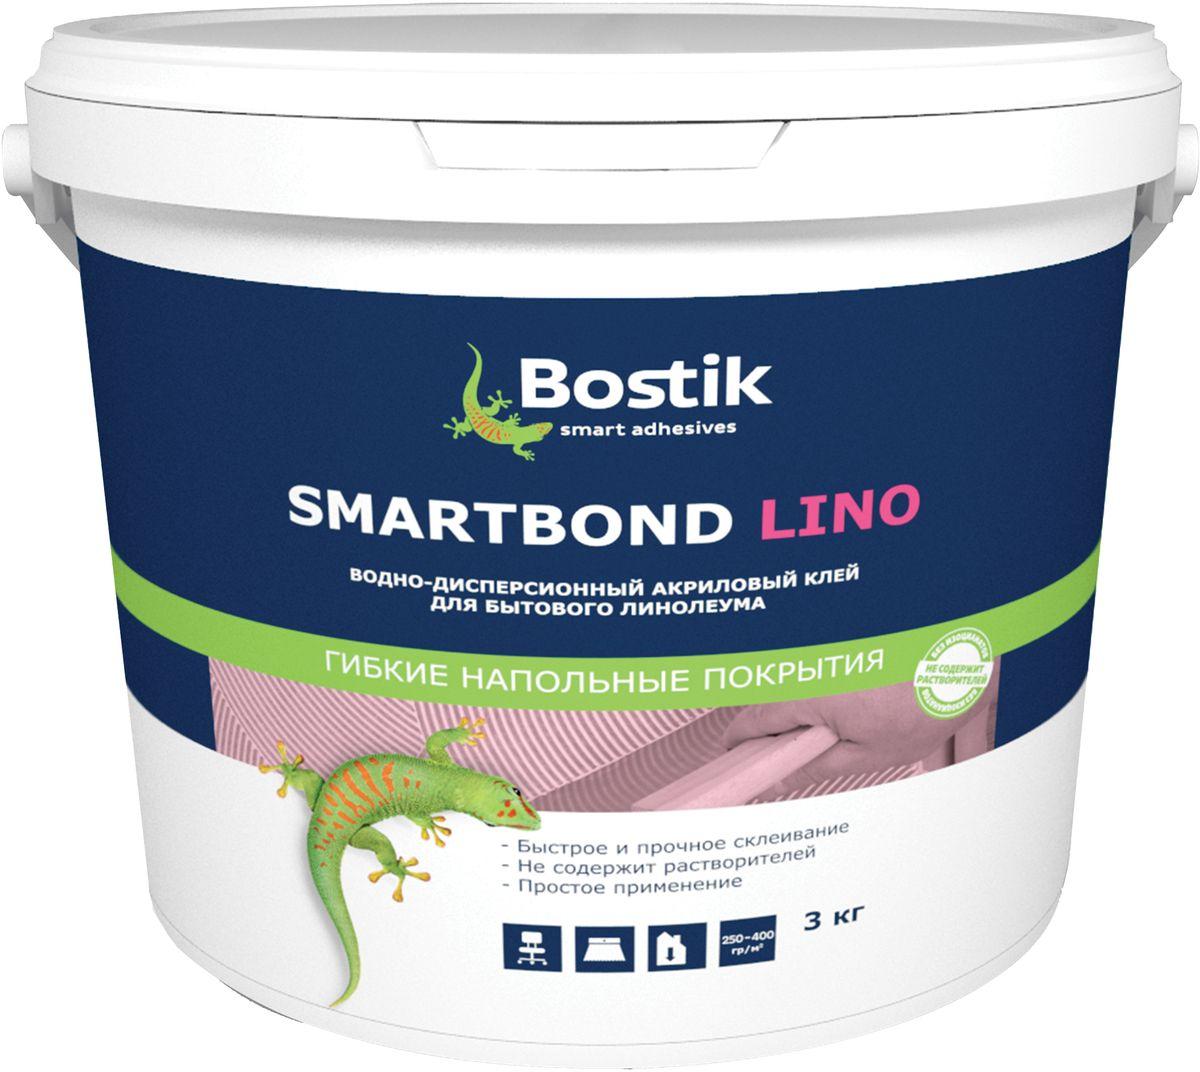 Клей для бытового линолеума Bostik Smartbond Lino, 3 кг50024467Предназначен для укладки гибких напольных покрытий: бытового ПВХ линолеума на тканевой, вспененной, полиэстровой основе. Может использоваться для укладки ковровых покрытий. Применяется для внутренних работ по впитывающим минеральным основаниям (цементное, ангидридное, бетонное и т.п.)- Подходит для полов с подогревом- Устойчив к воздействию мебели на колесиках- Не оставляет пятен- Состав легко наносится, и излишки легко собираются с поверхности пола- Низкое содержание воды